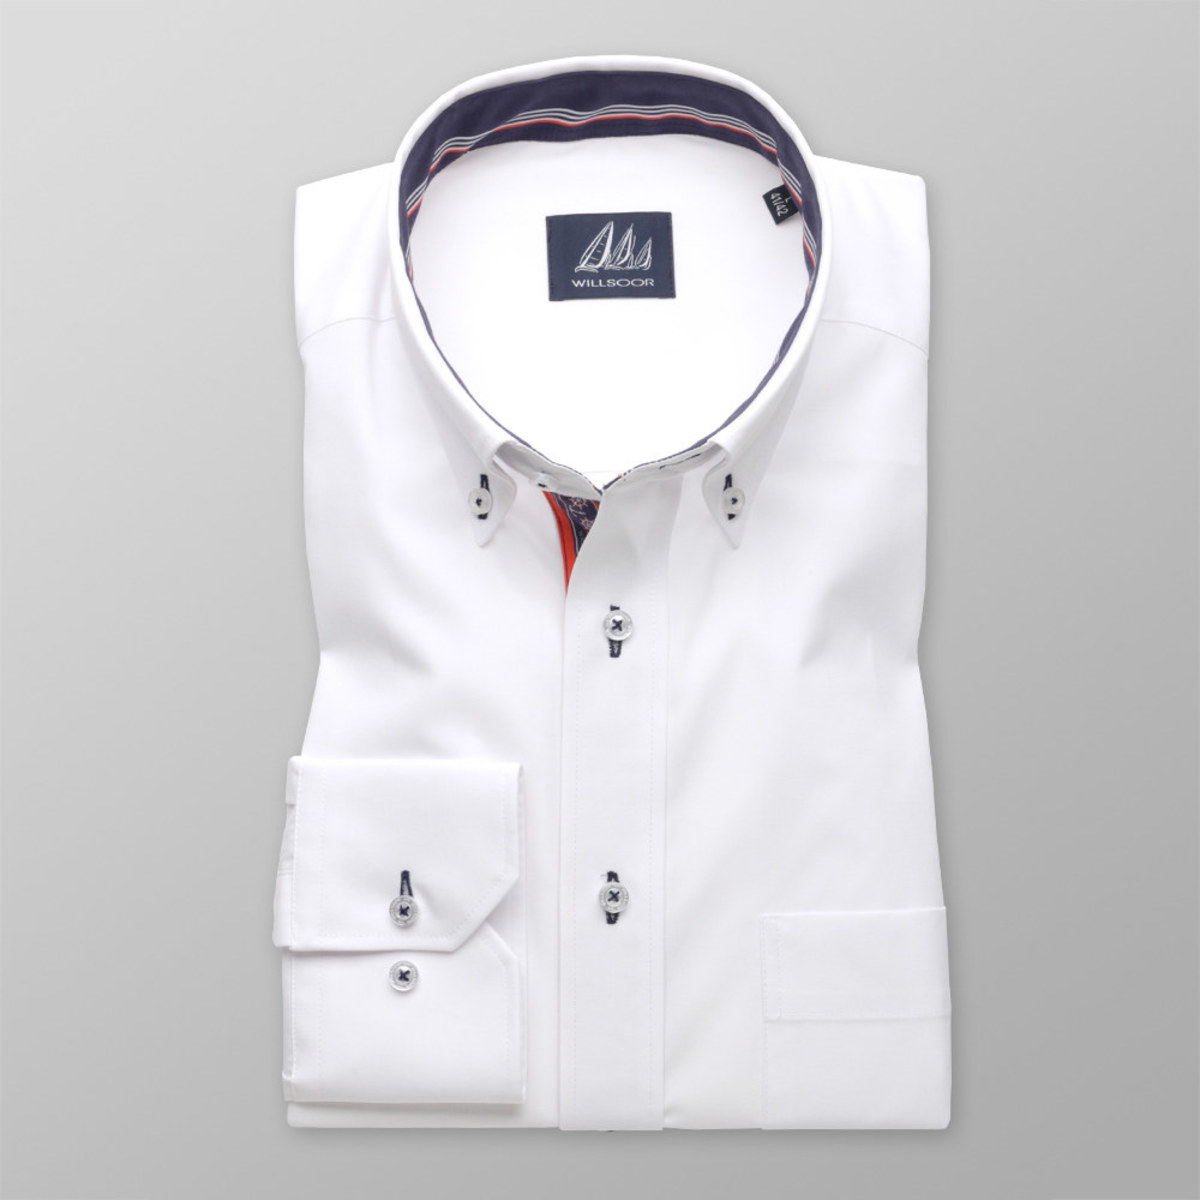 Pánská klasická košile (výška 176-182 i 188-194) 8303 v bílé barvě 188-194 / XL (43/44)